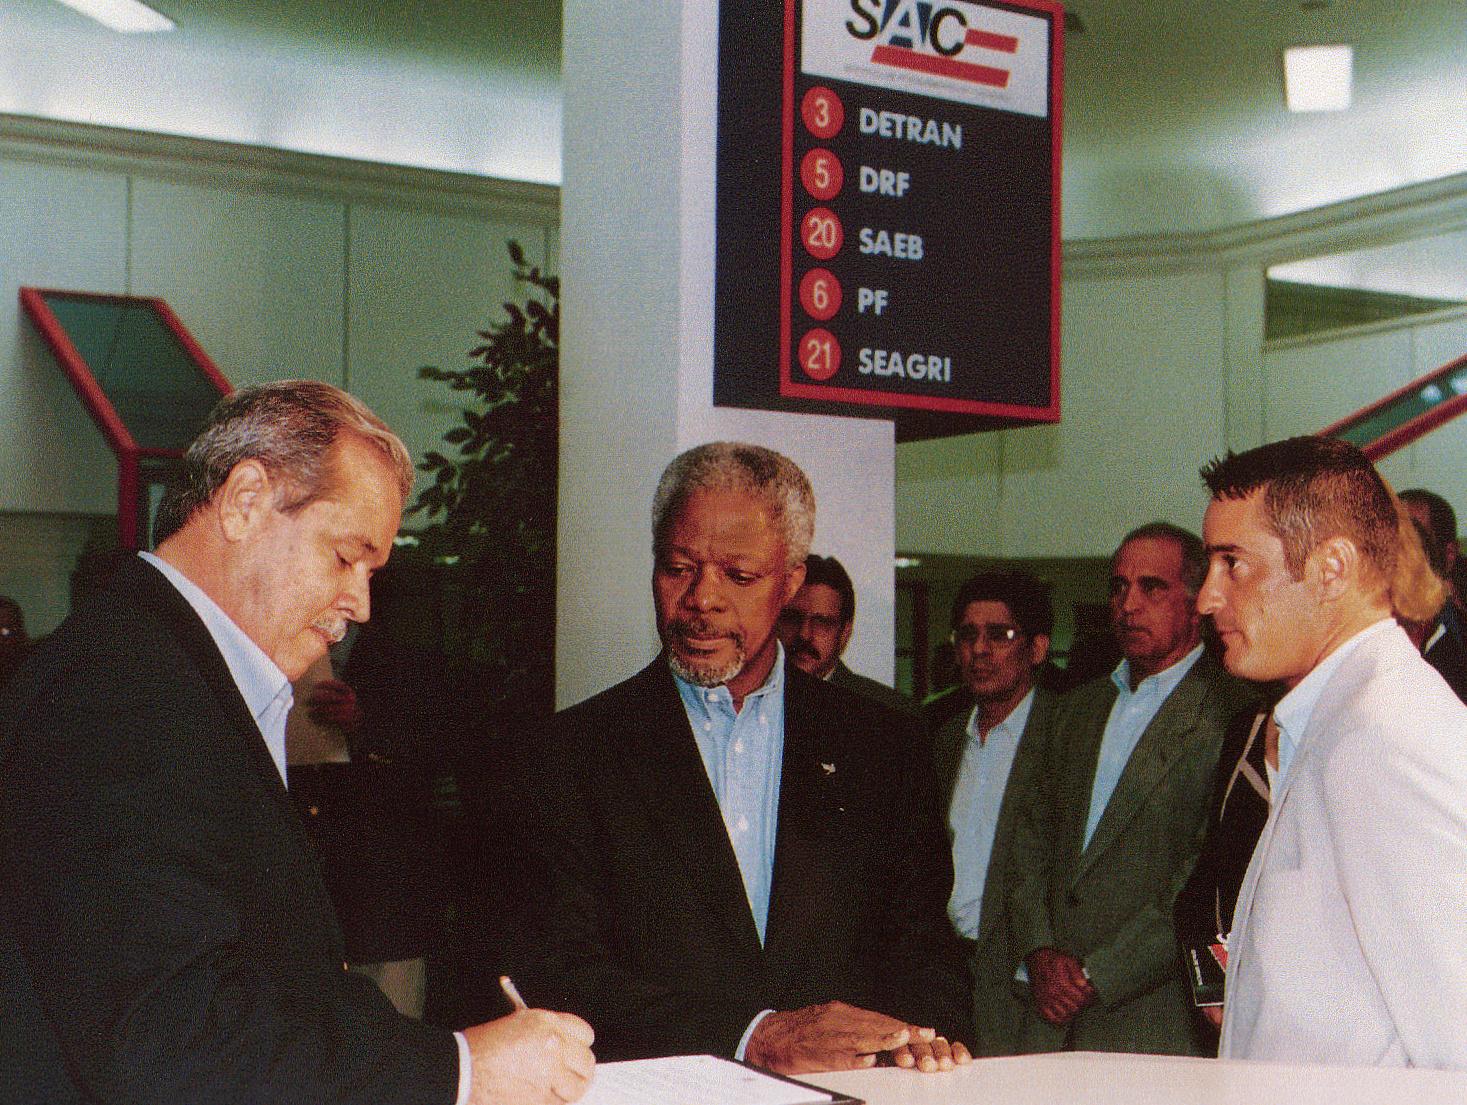 Koffi Annan (Secretario General de la ONU) en visita oficial al Estados de Bahia - Ceremonial del Gobierno del Estado de Bahia - Palaciodel Gobierno, 12/JUL./98, Bahia (Brasil).